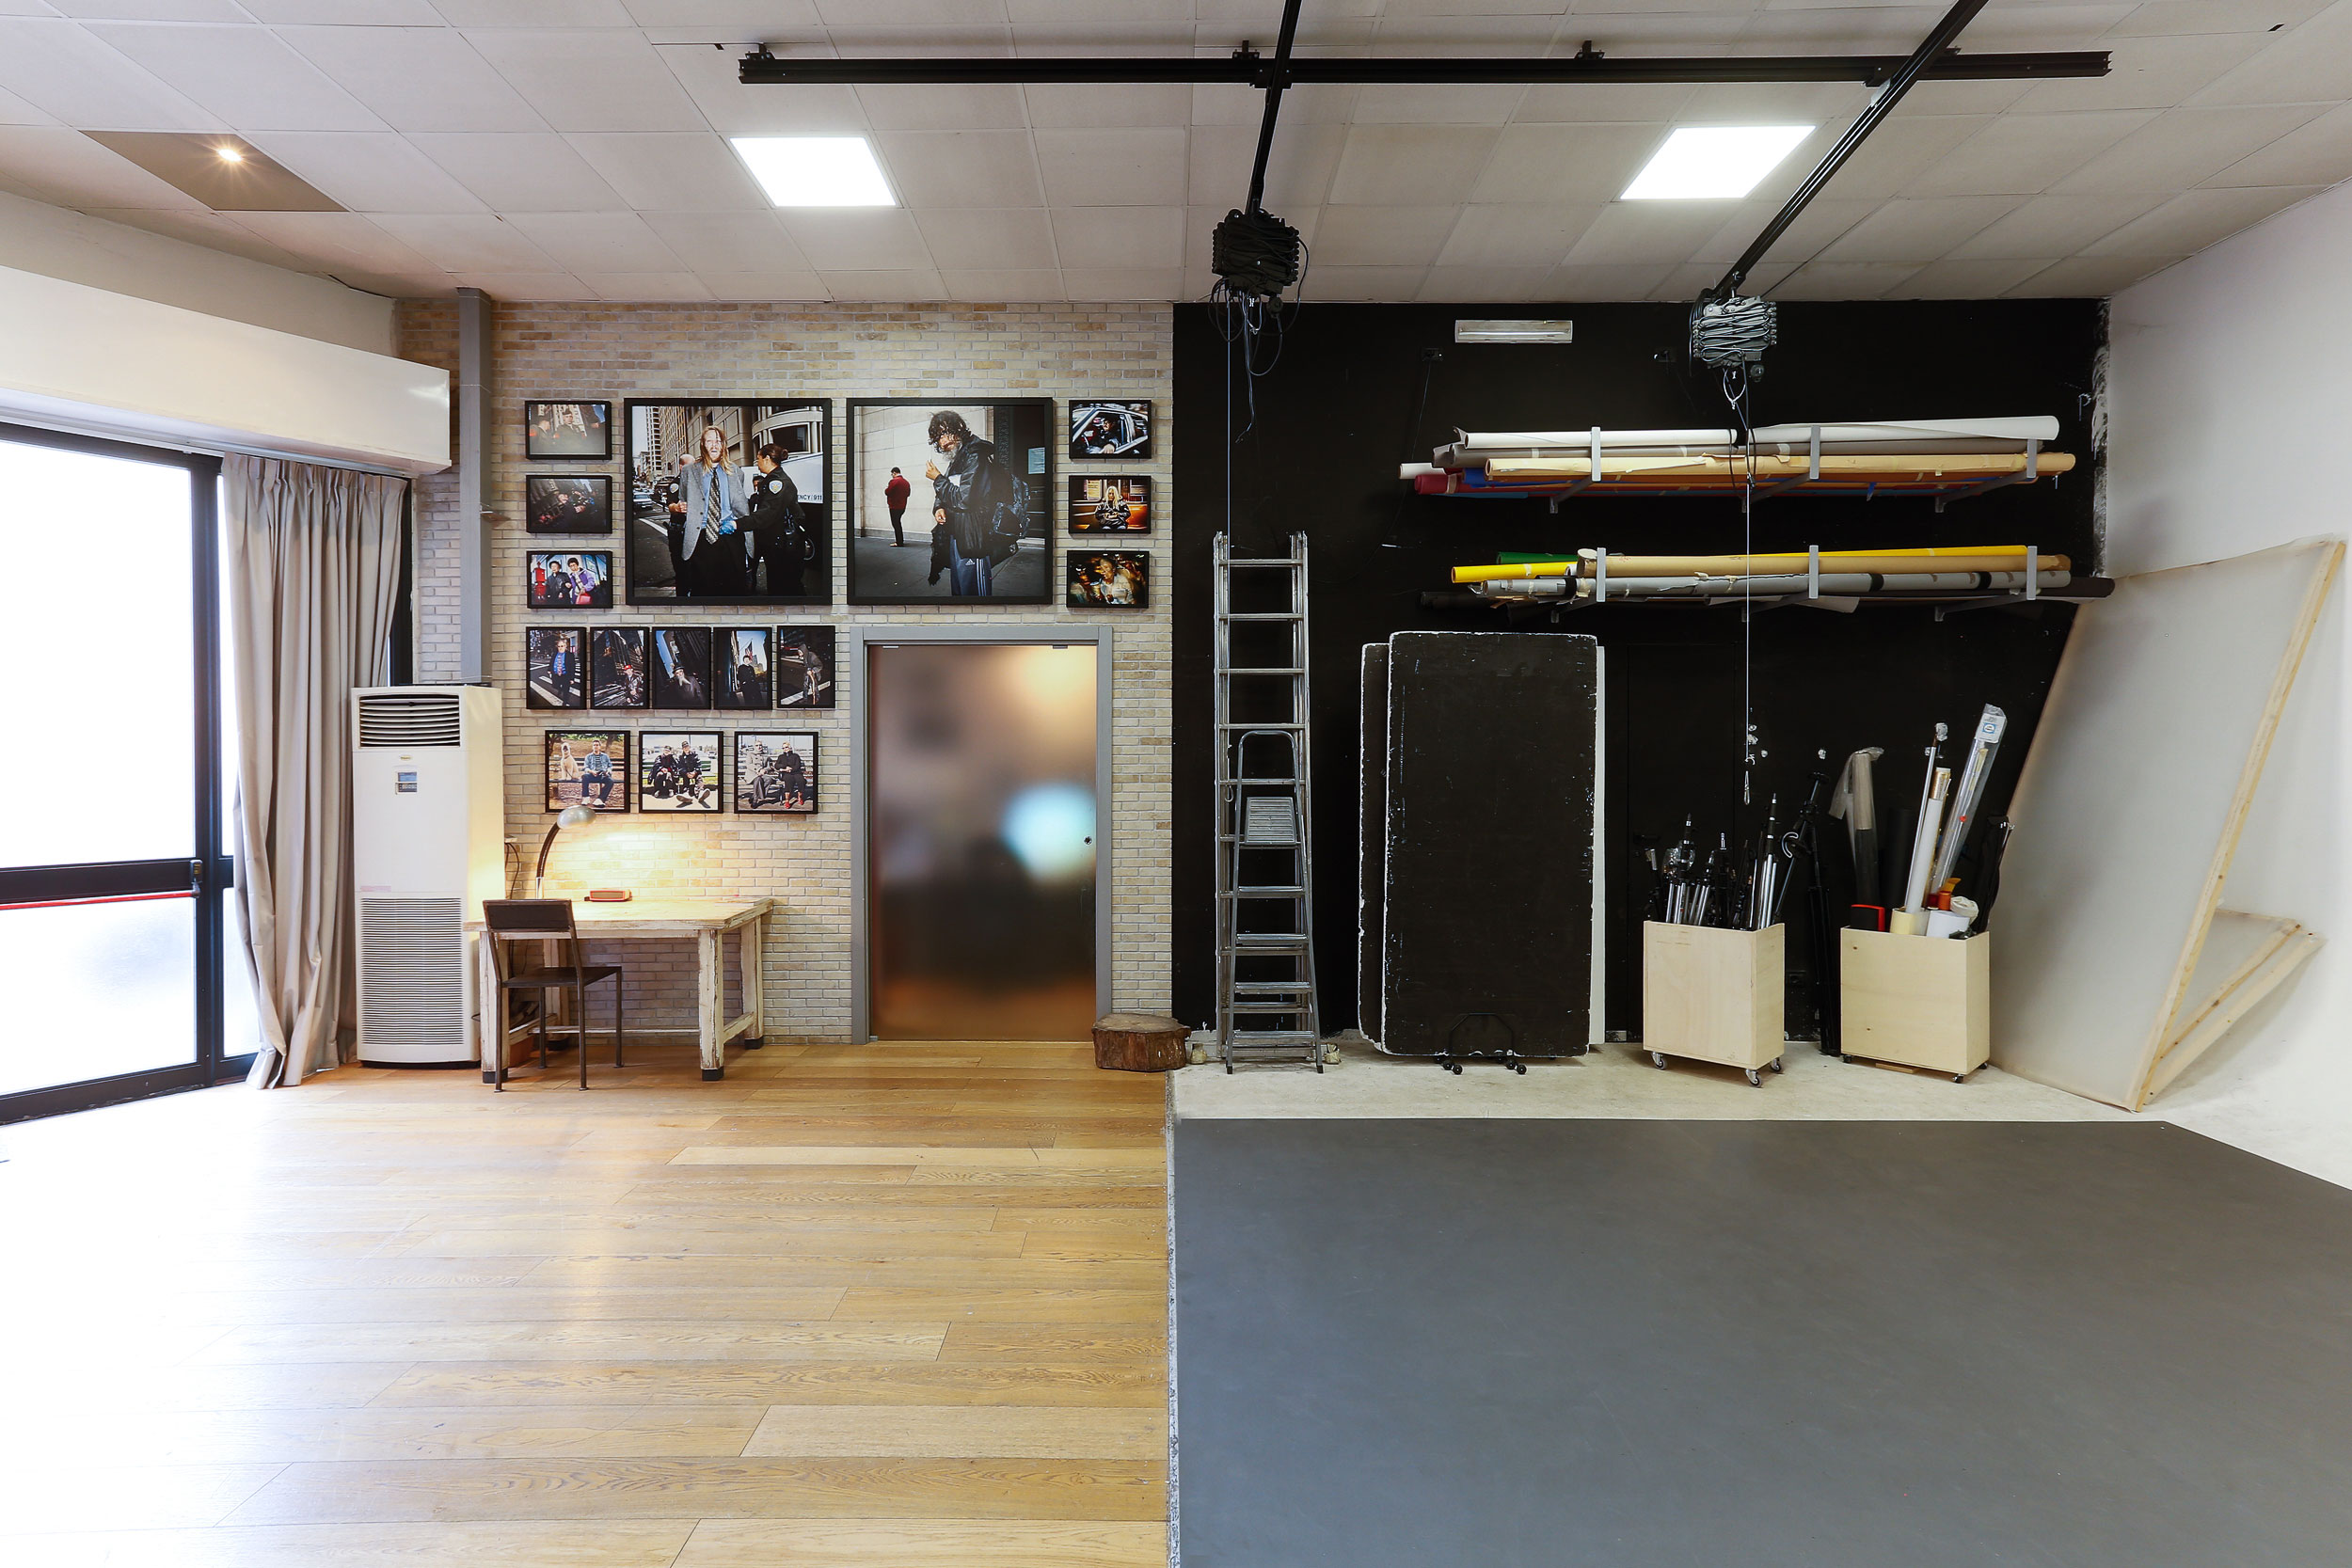 OR_0179-Modifica Noleggio studio fotografico Roma